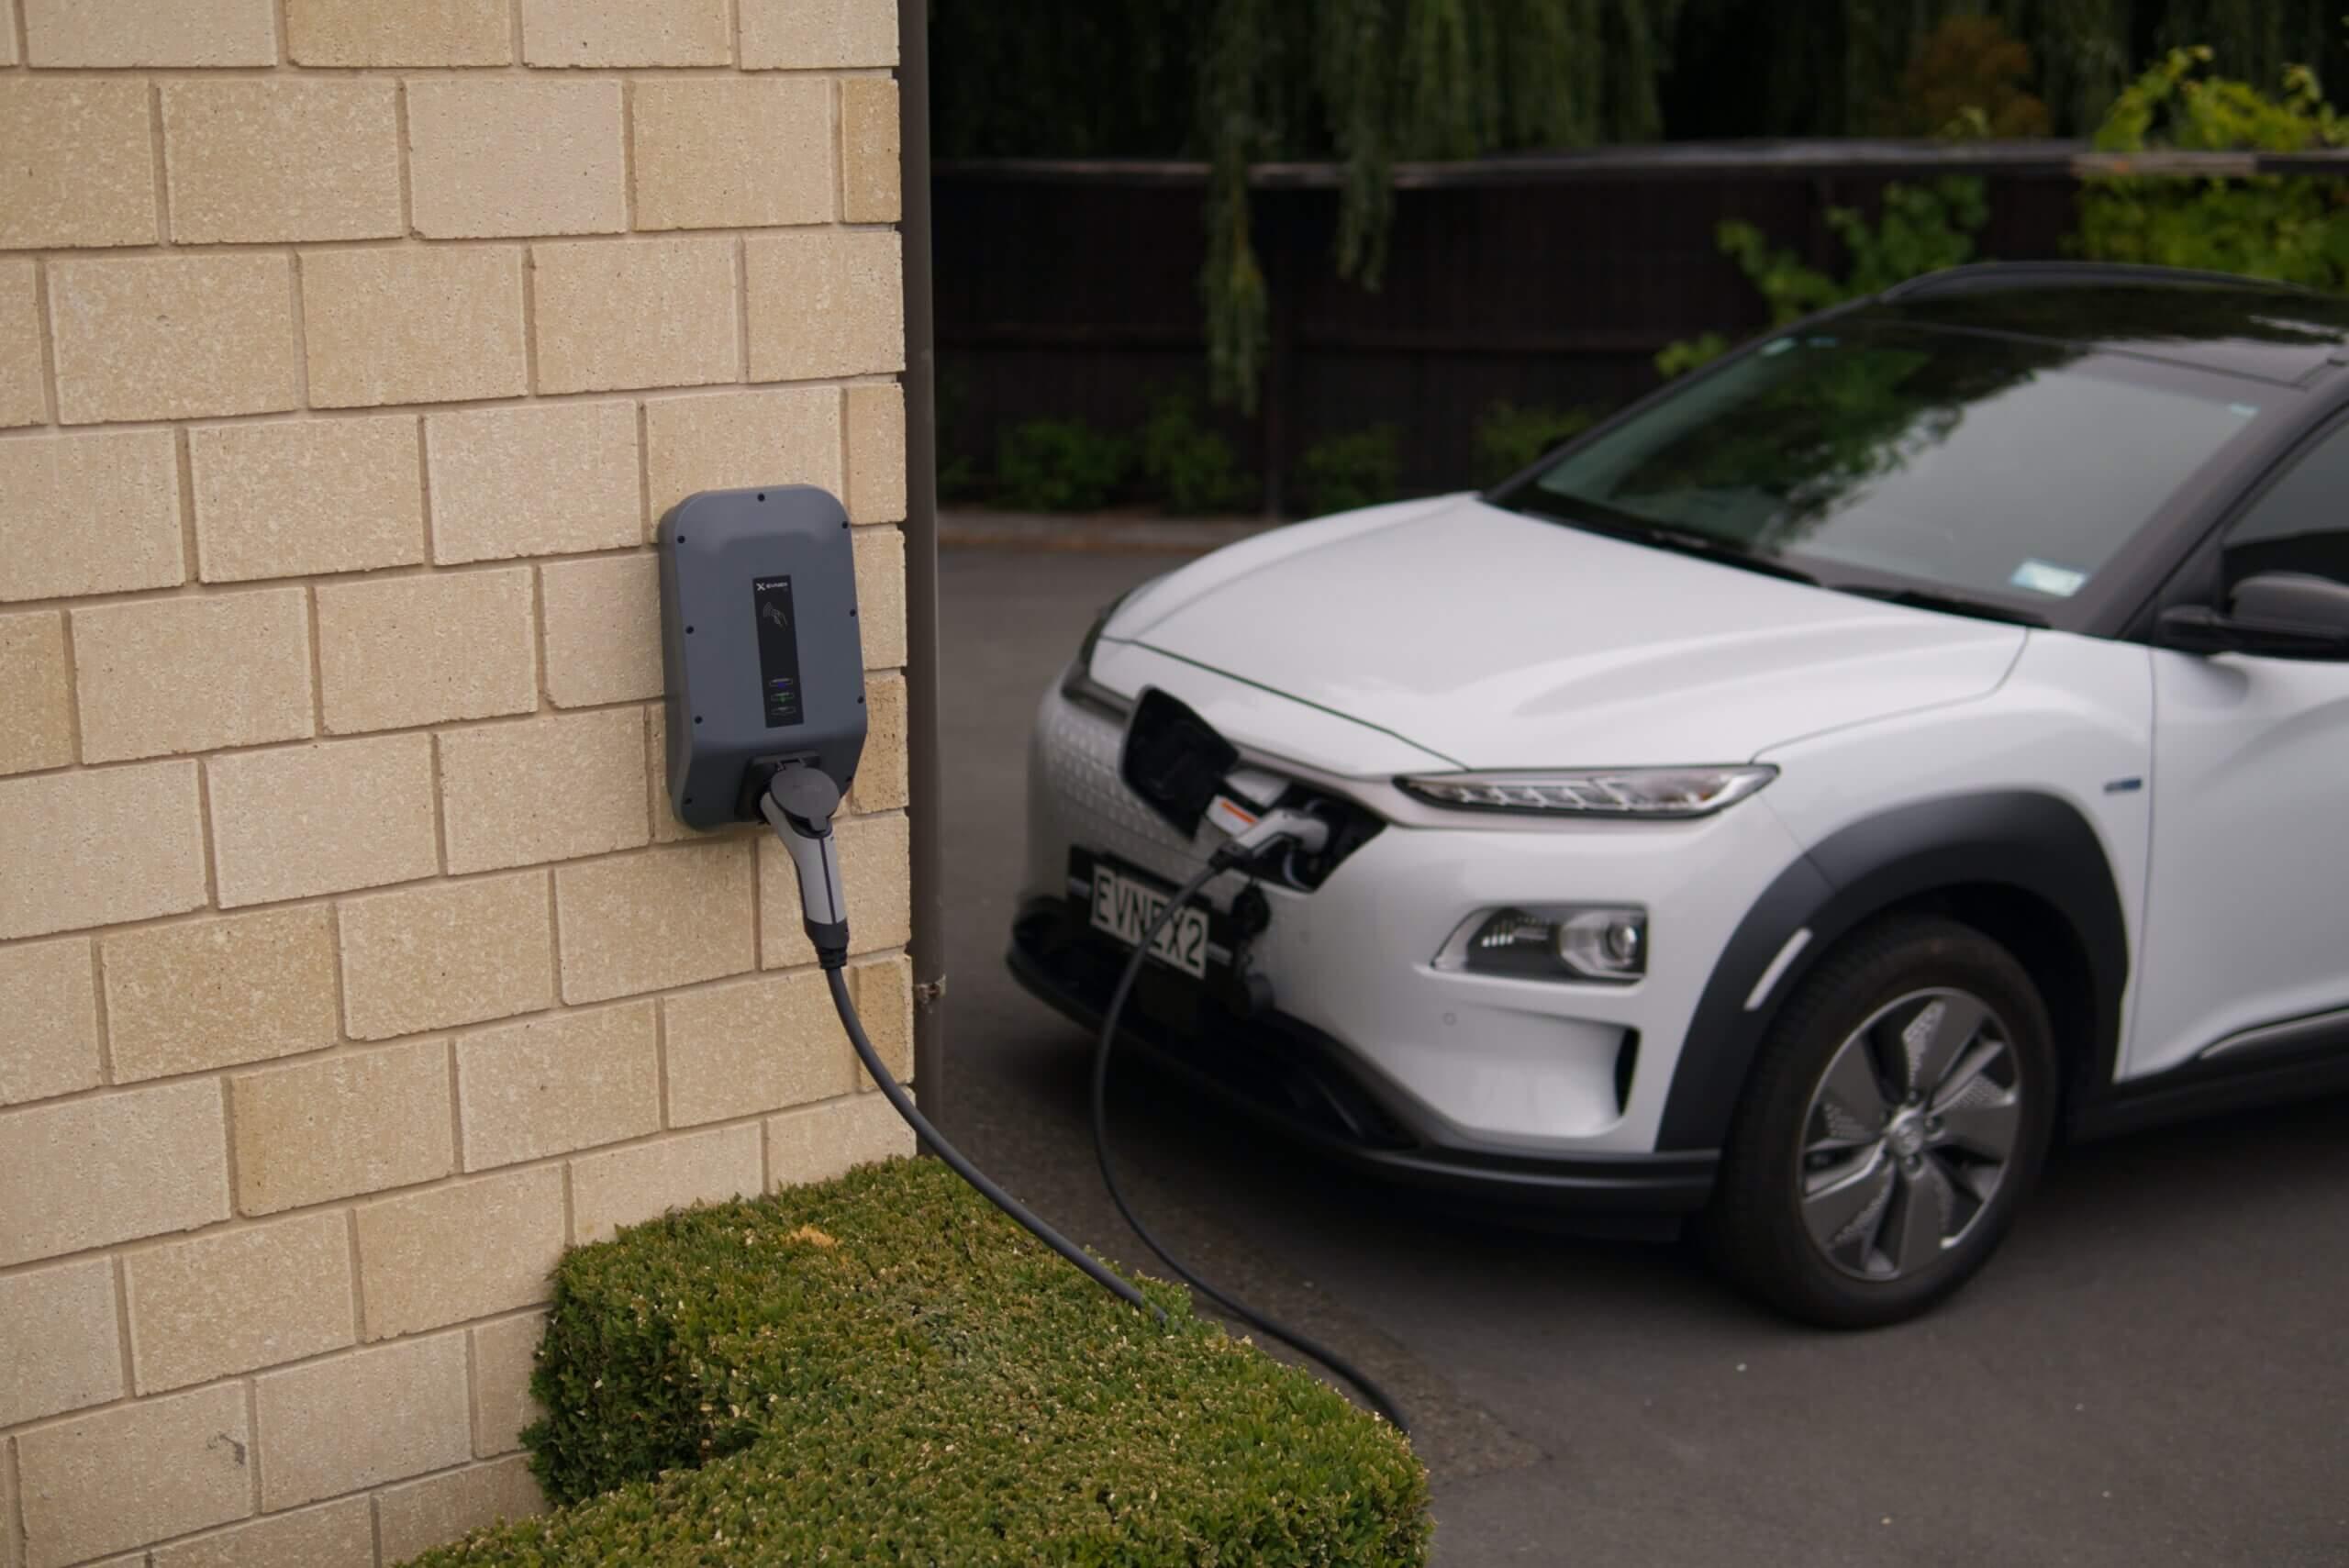 μπαταρία-ηλεκτρικό-αυτοκίνητο